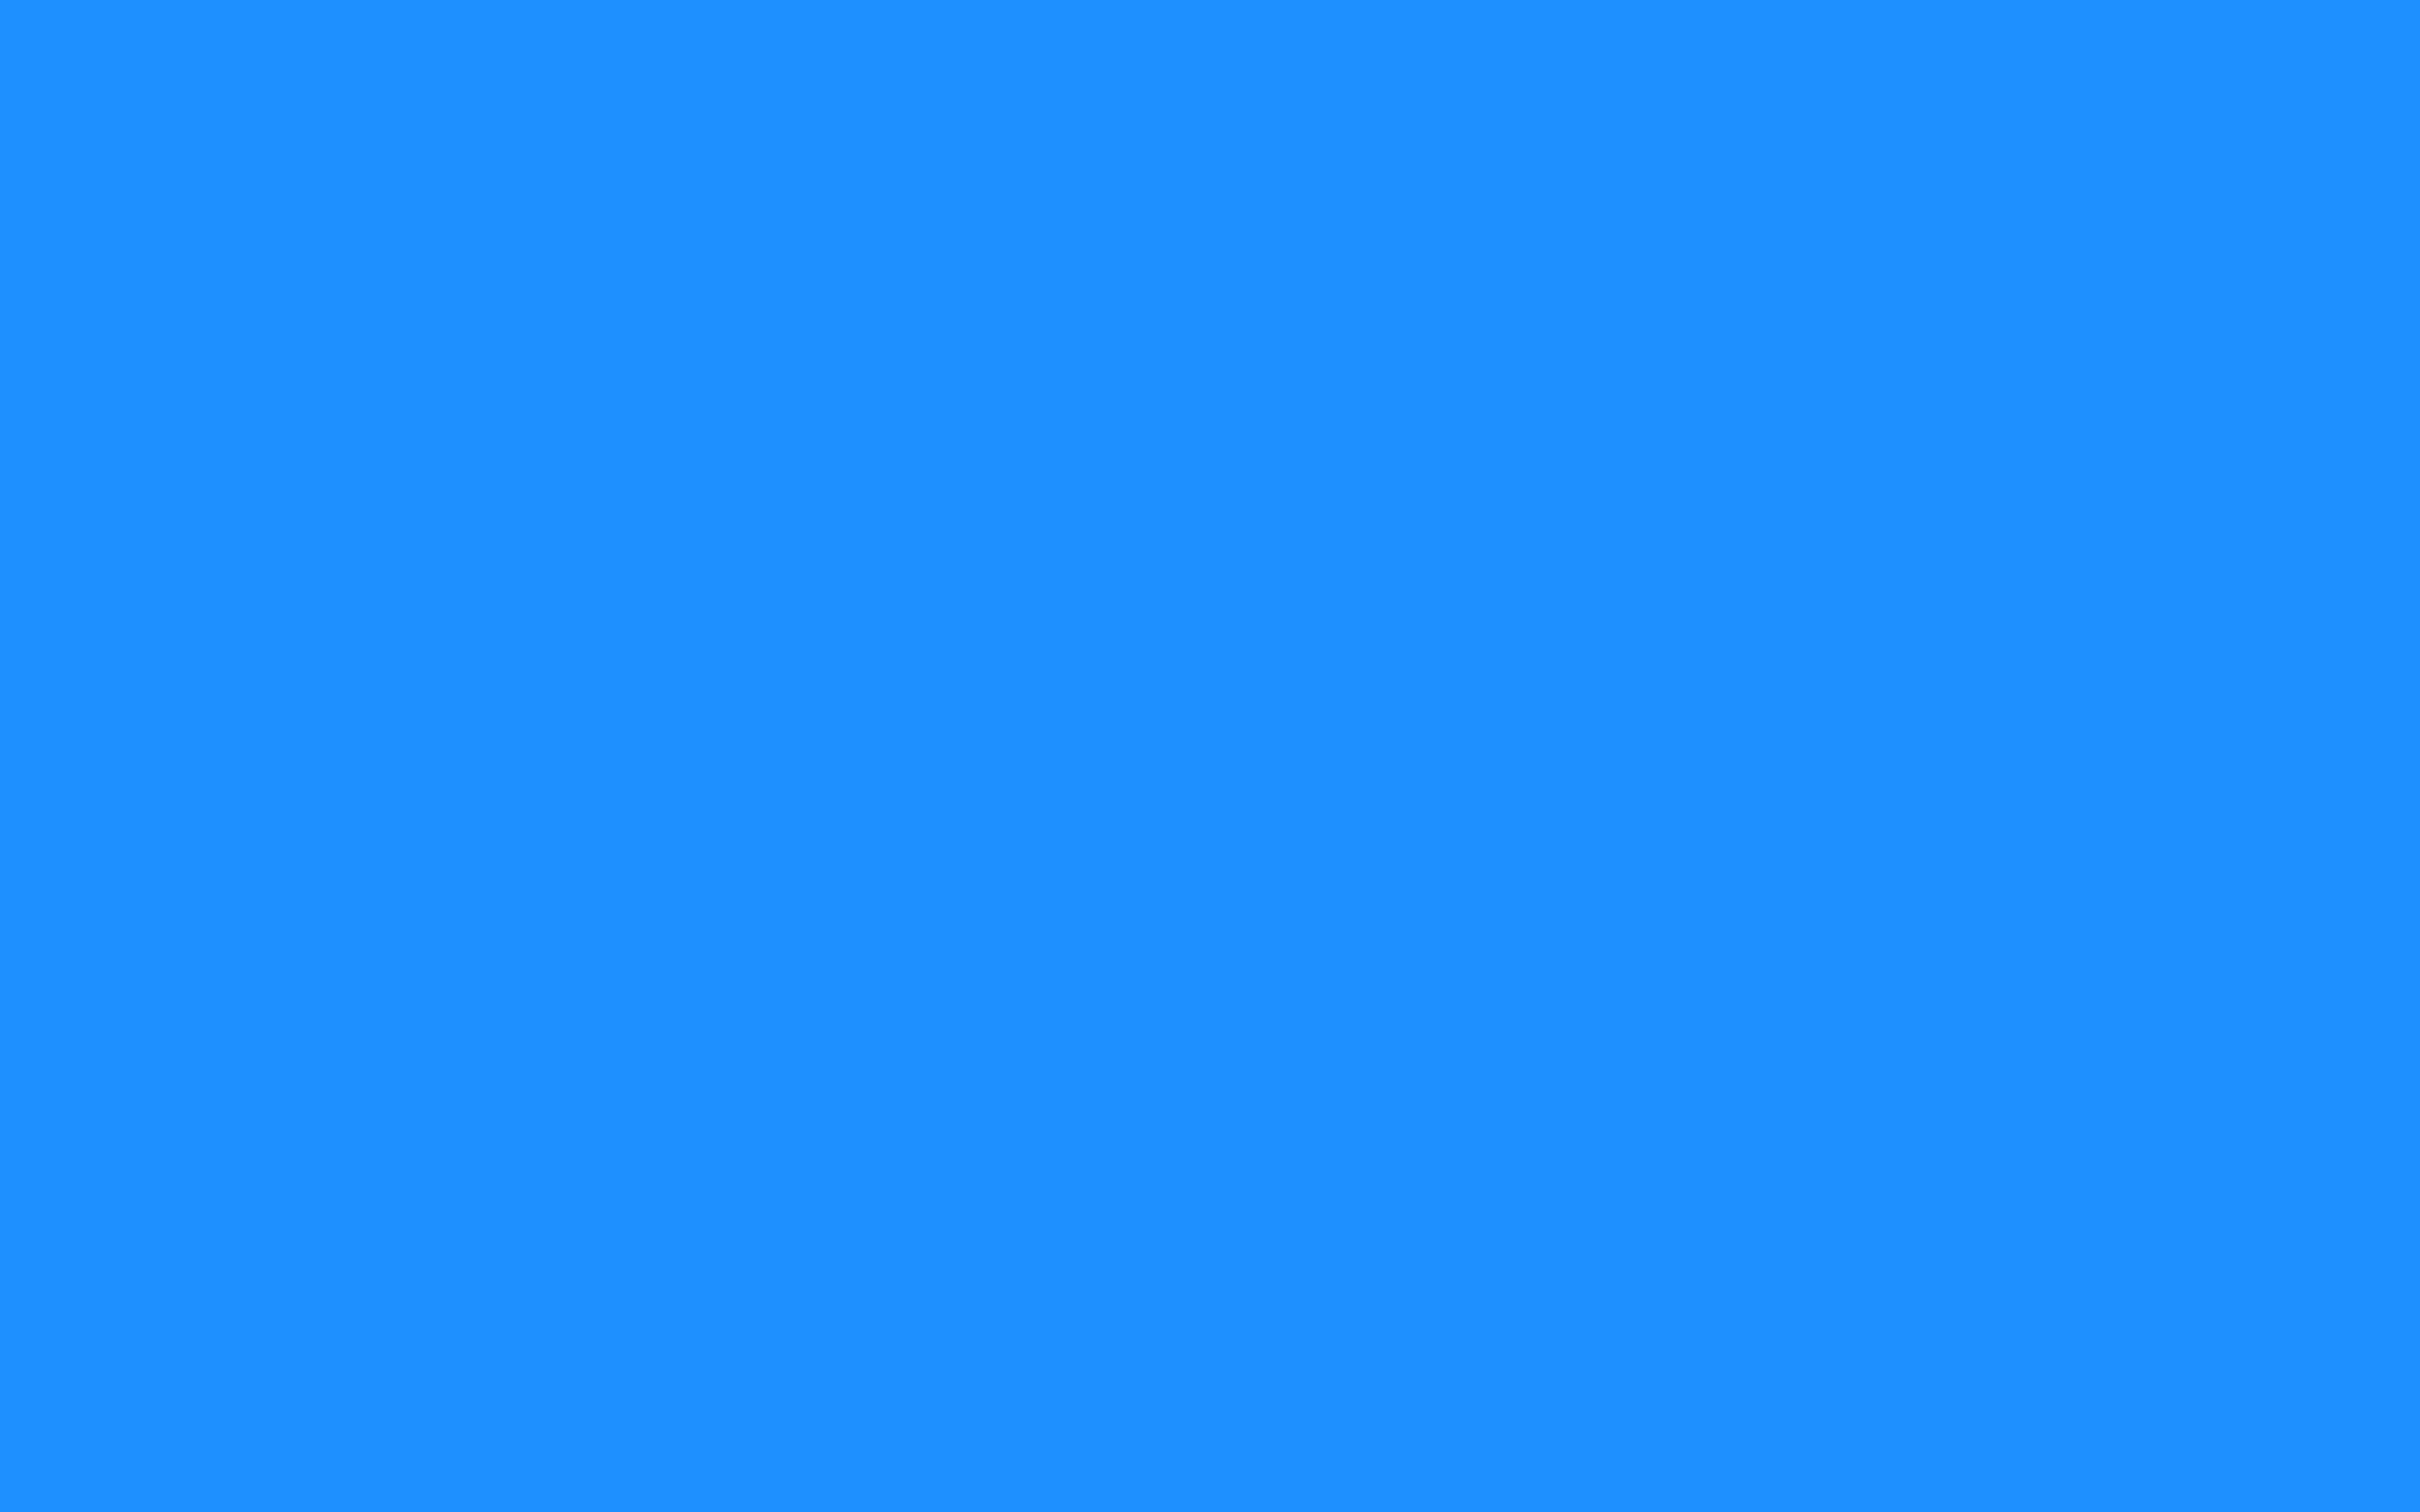 2560x1600 Dodger Blue Solid Color Background